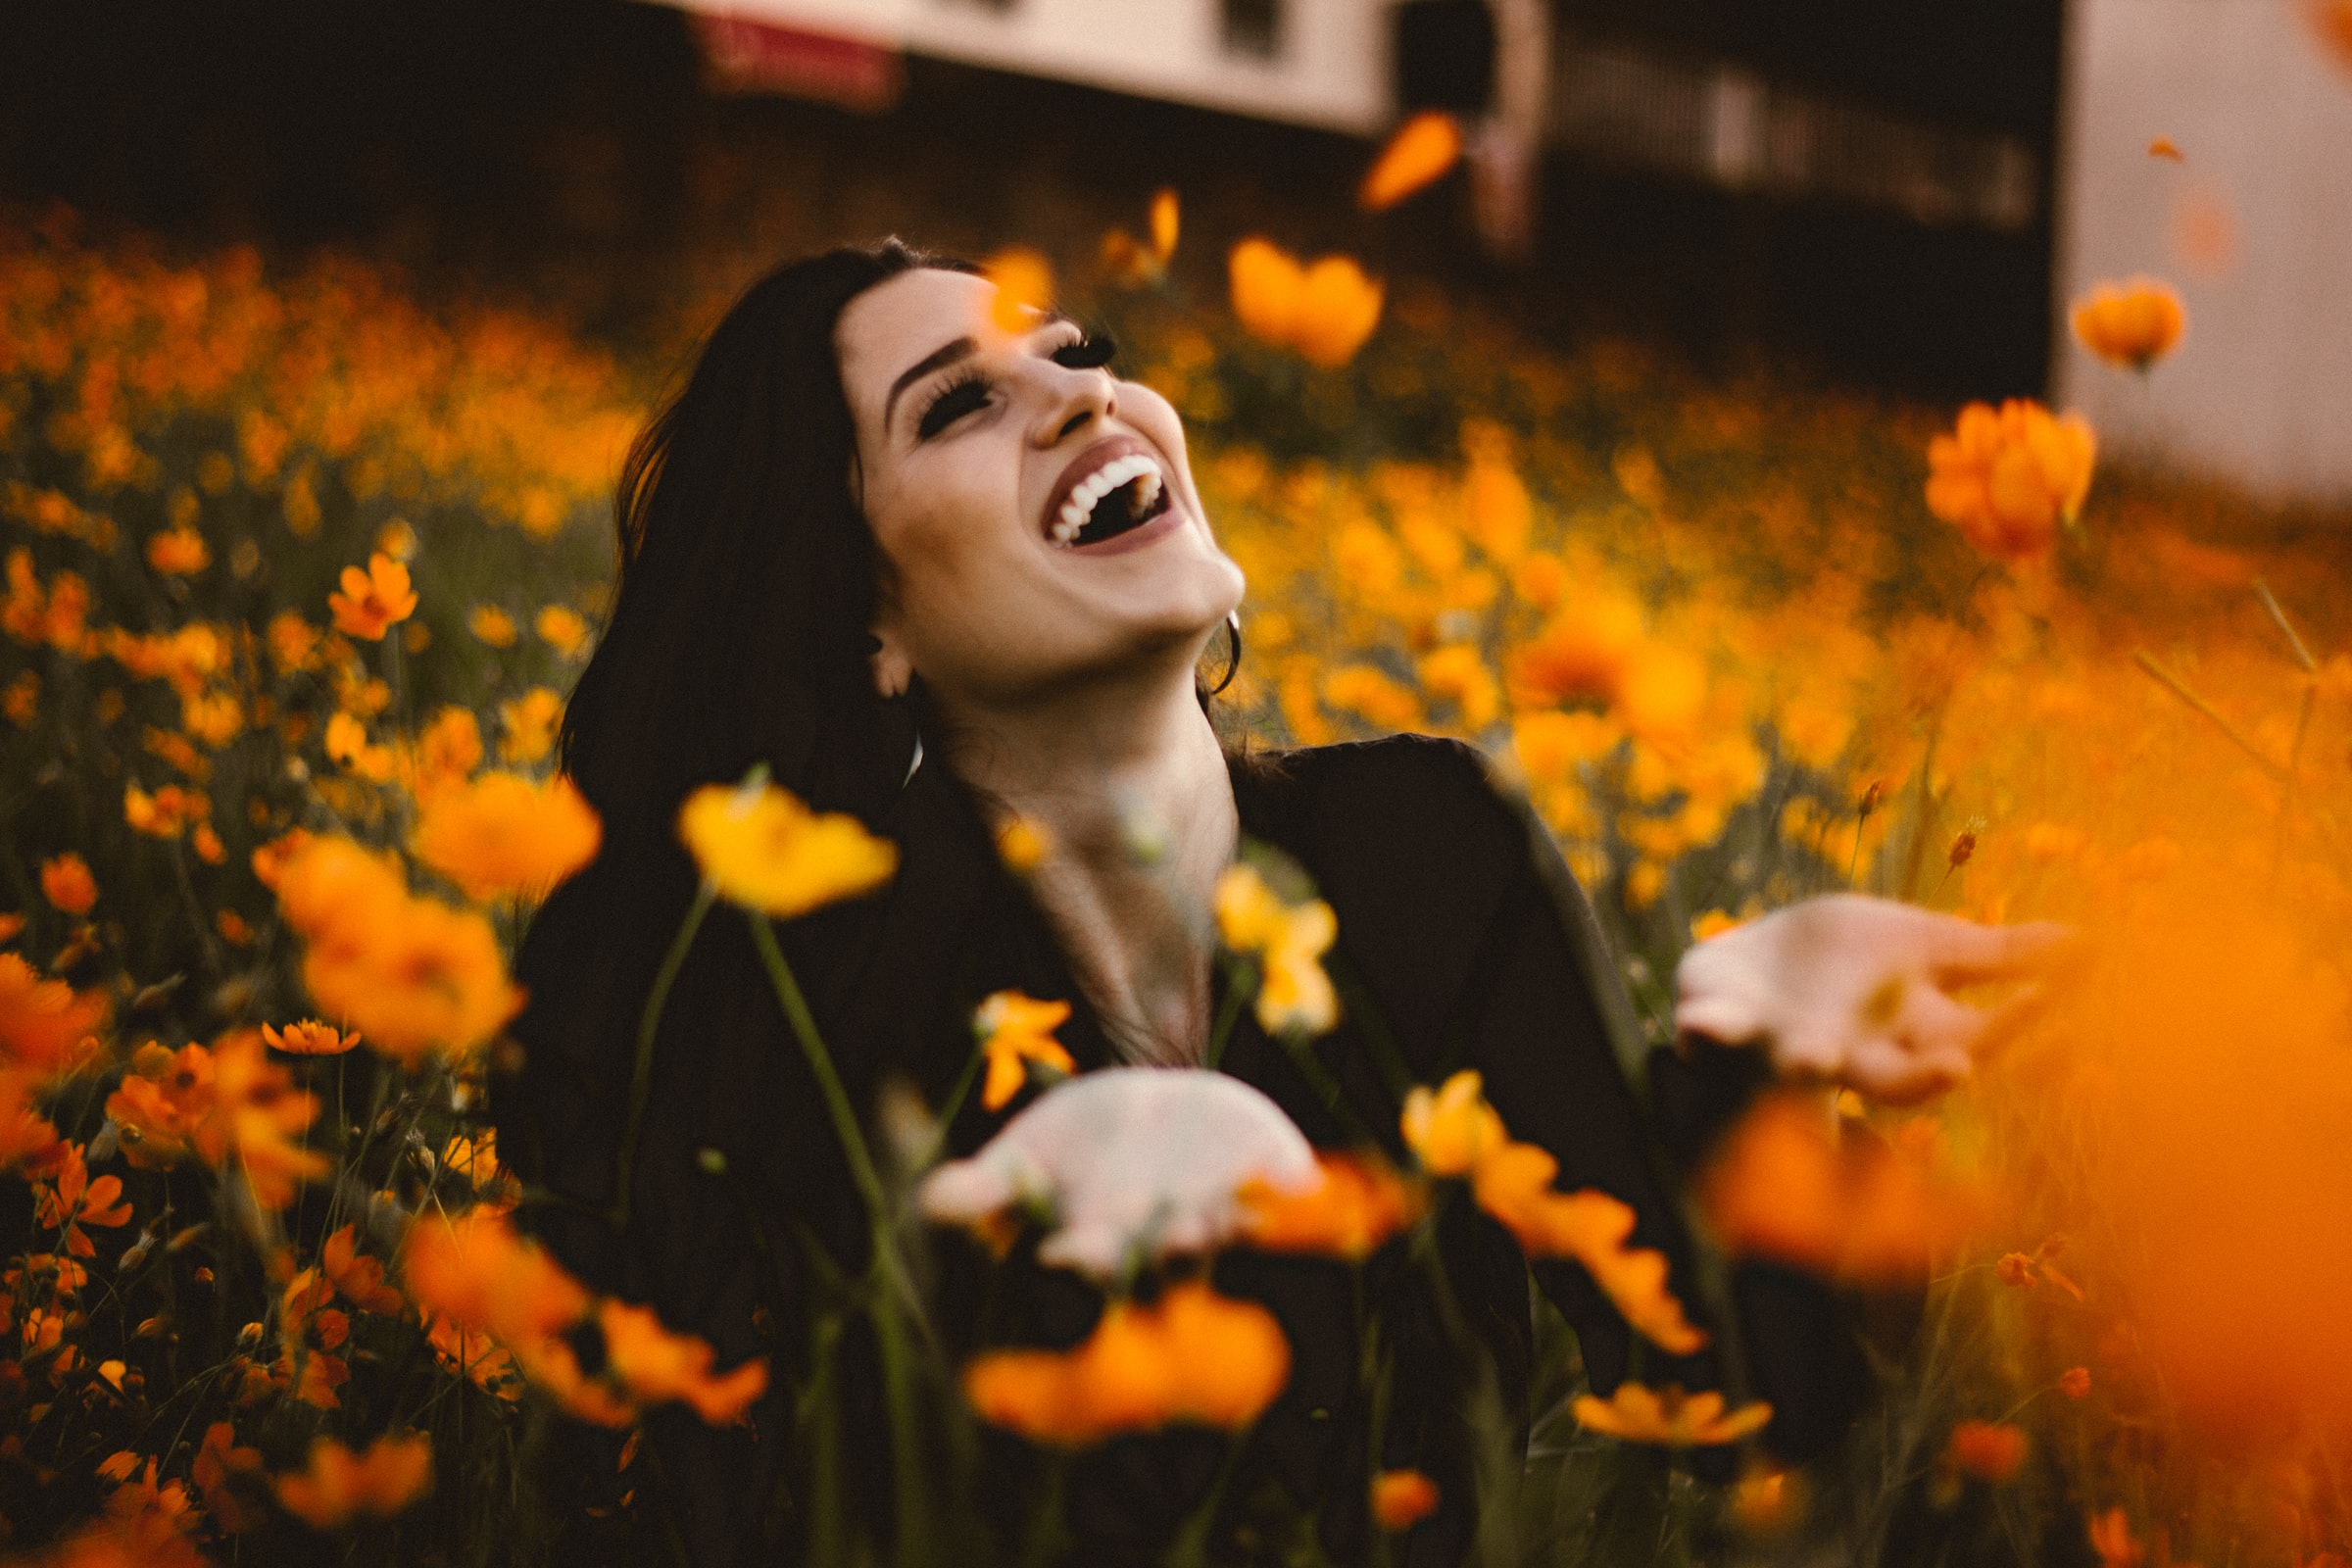 улыбаться, быть волонтером, быть причиной радости для других